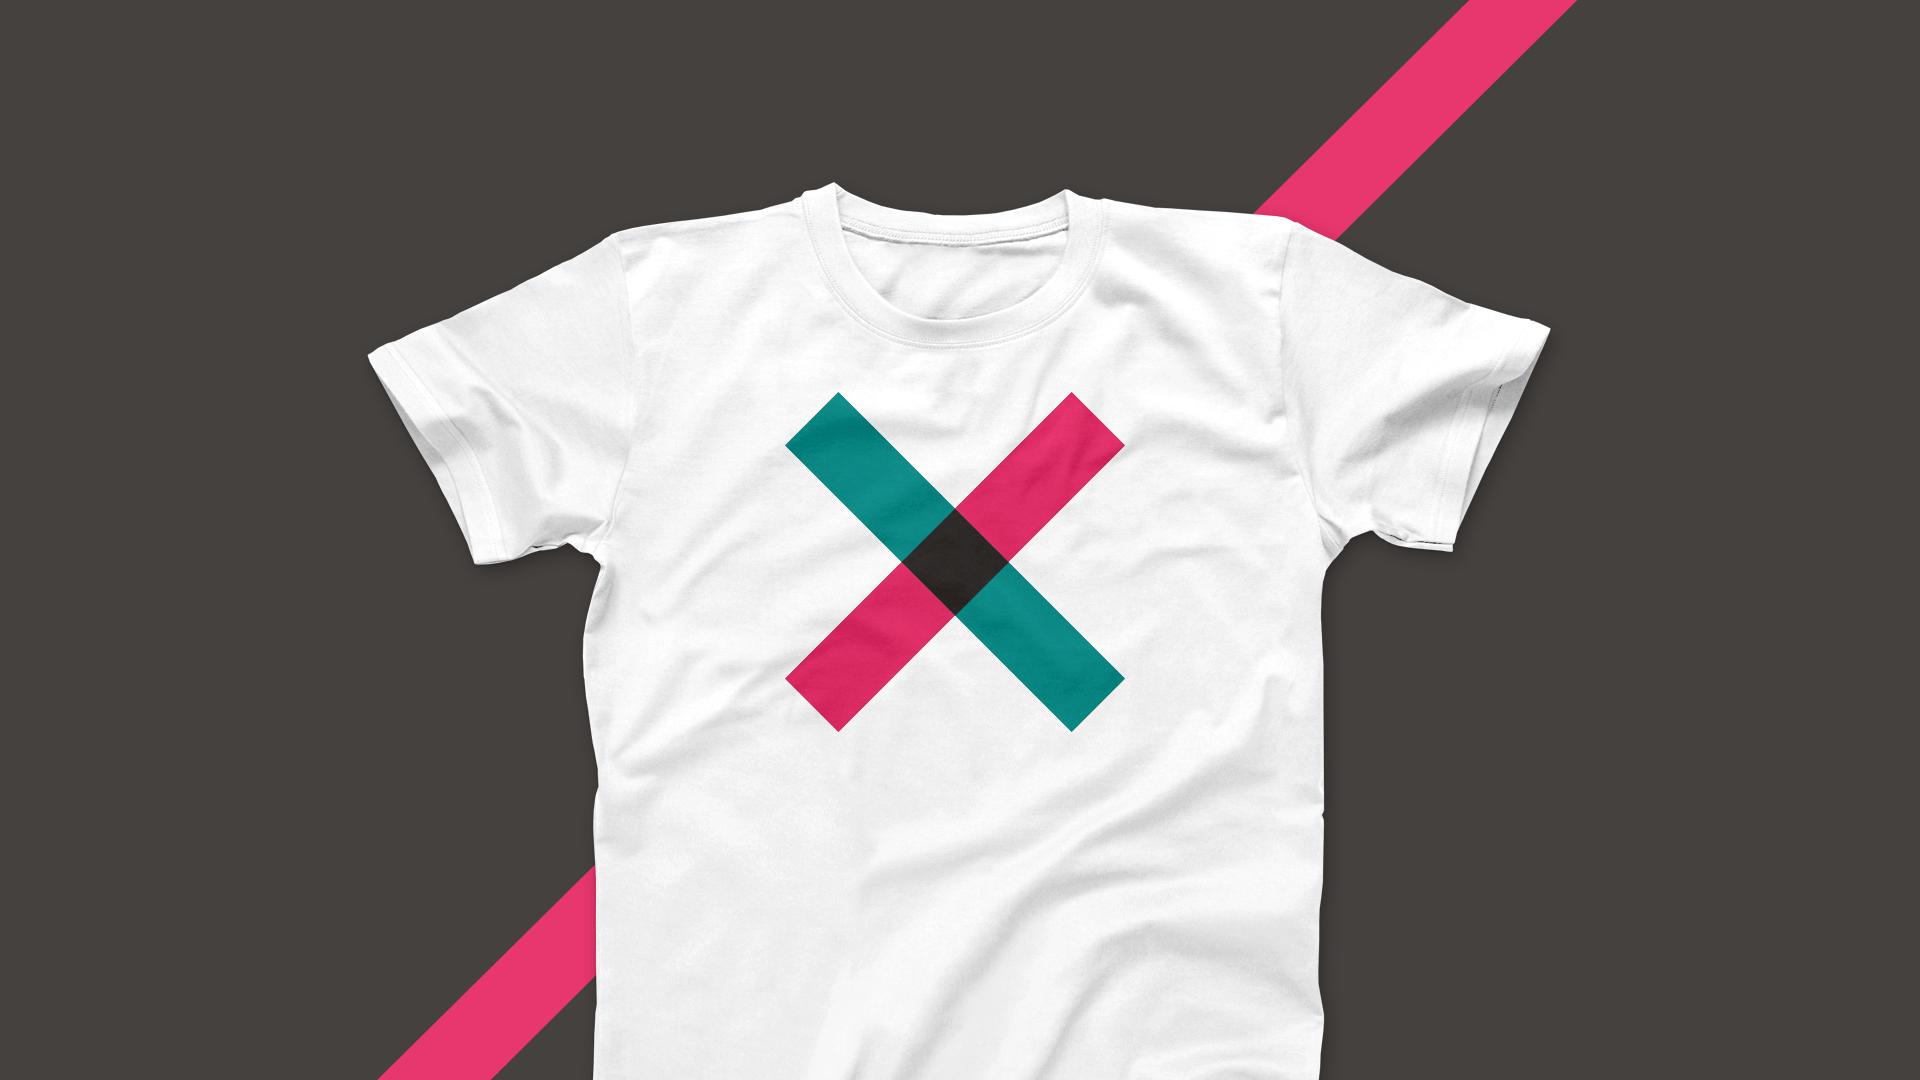 Weißes T-Shirt mit stilisiertem Kreuz aus dem Corporate Design von The Knowledge.